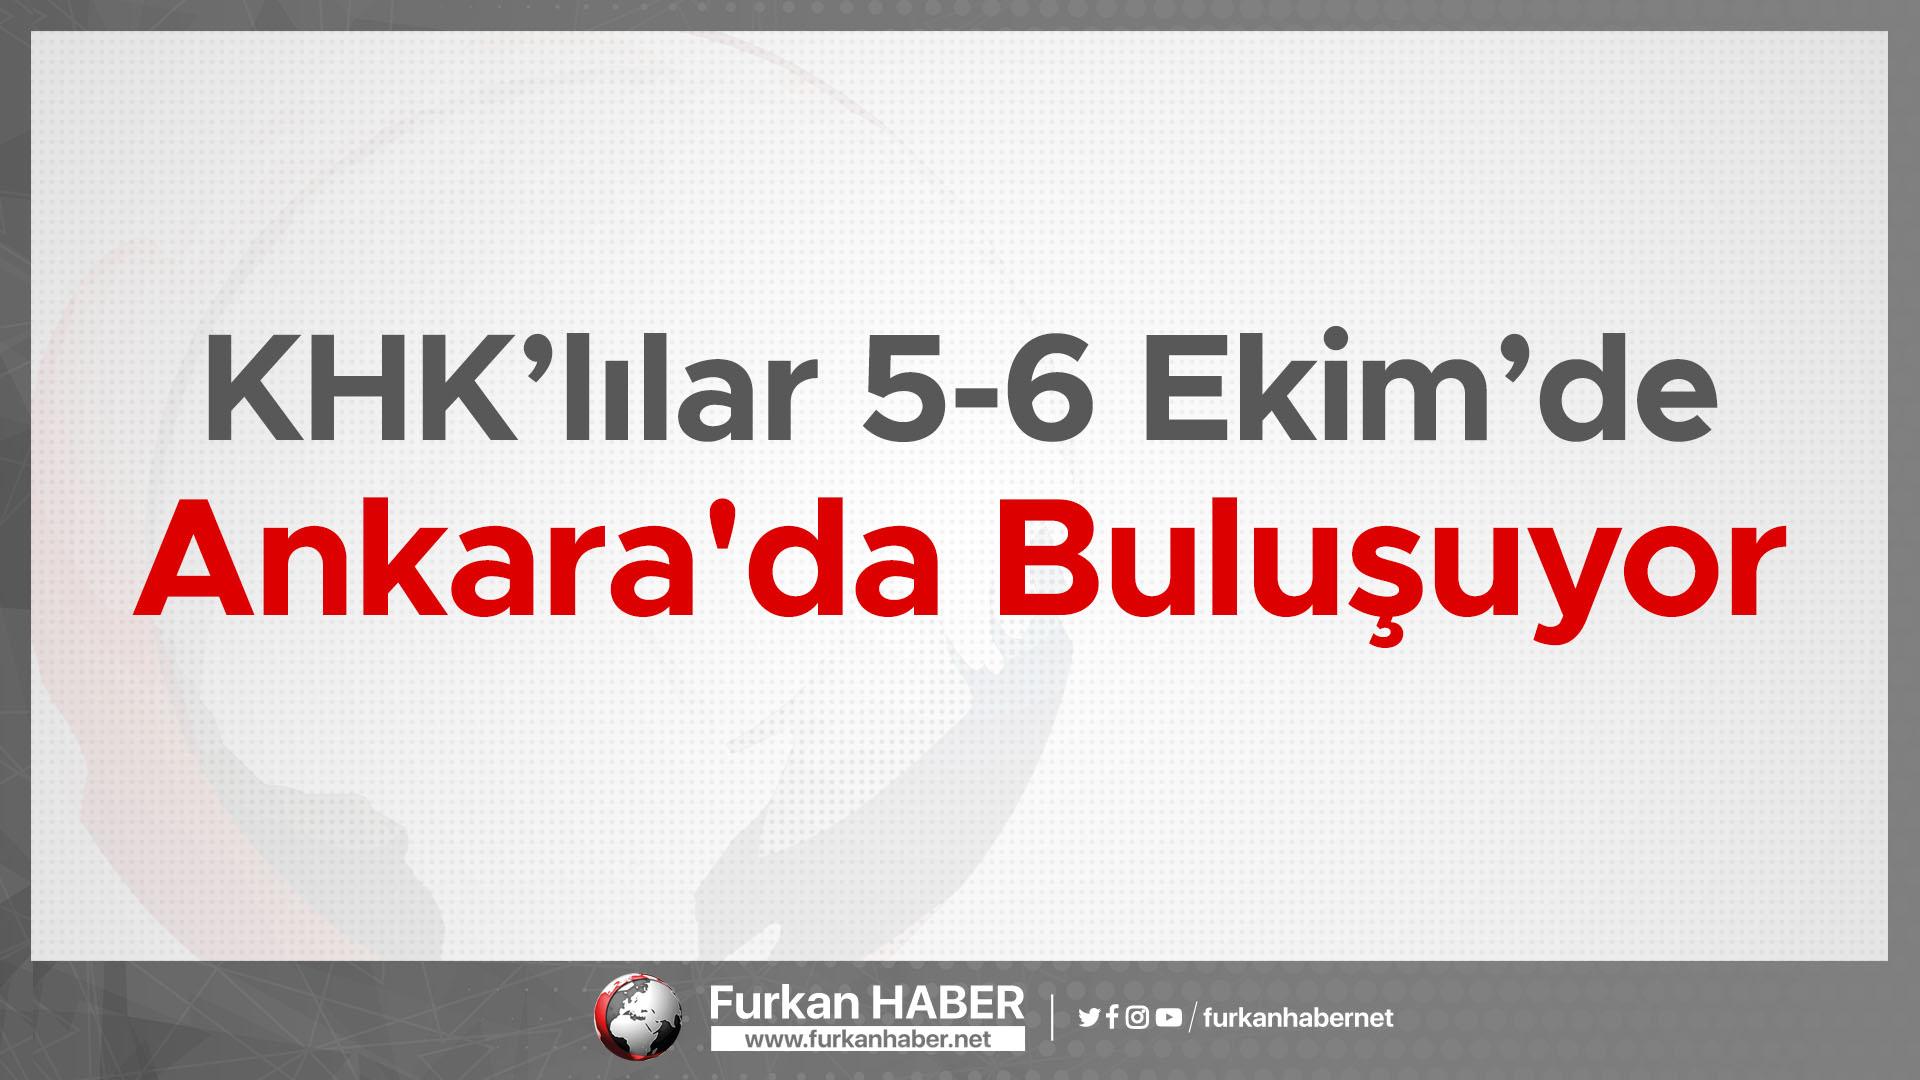 KHK'lılar Ankara'da Buluşuyor